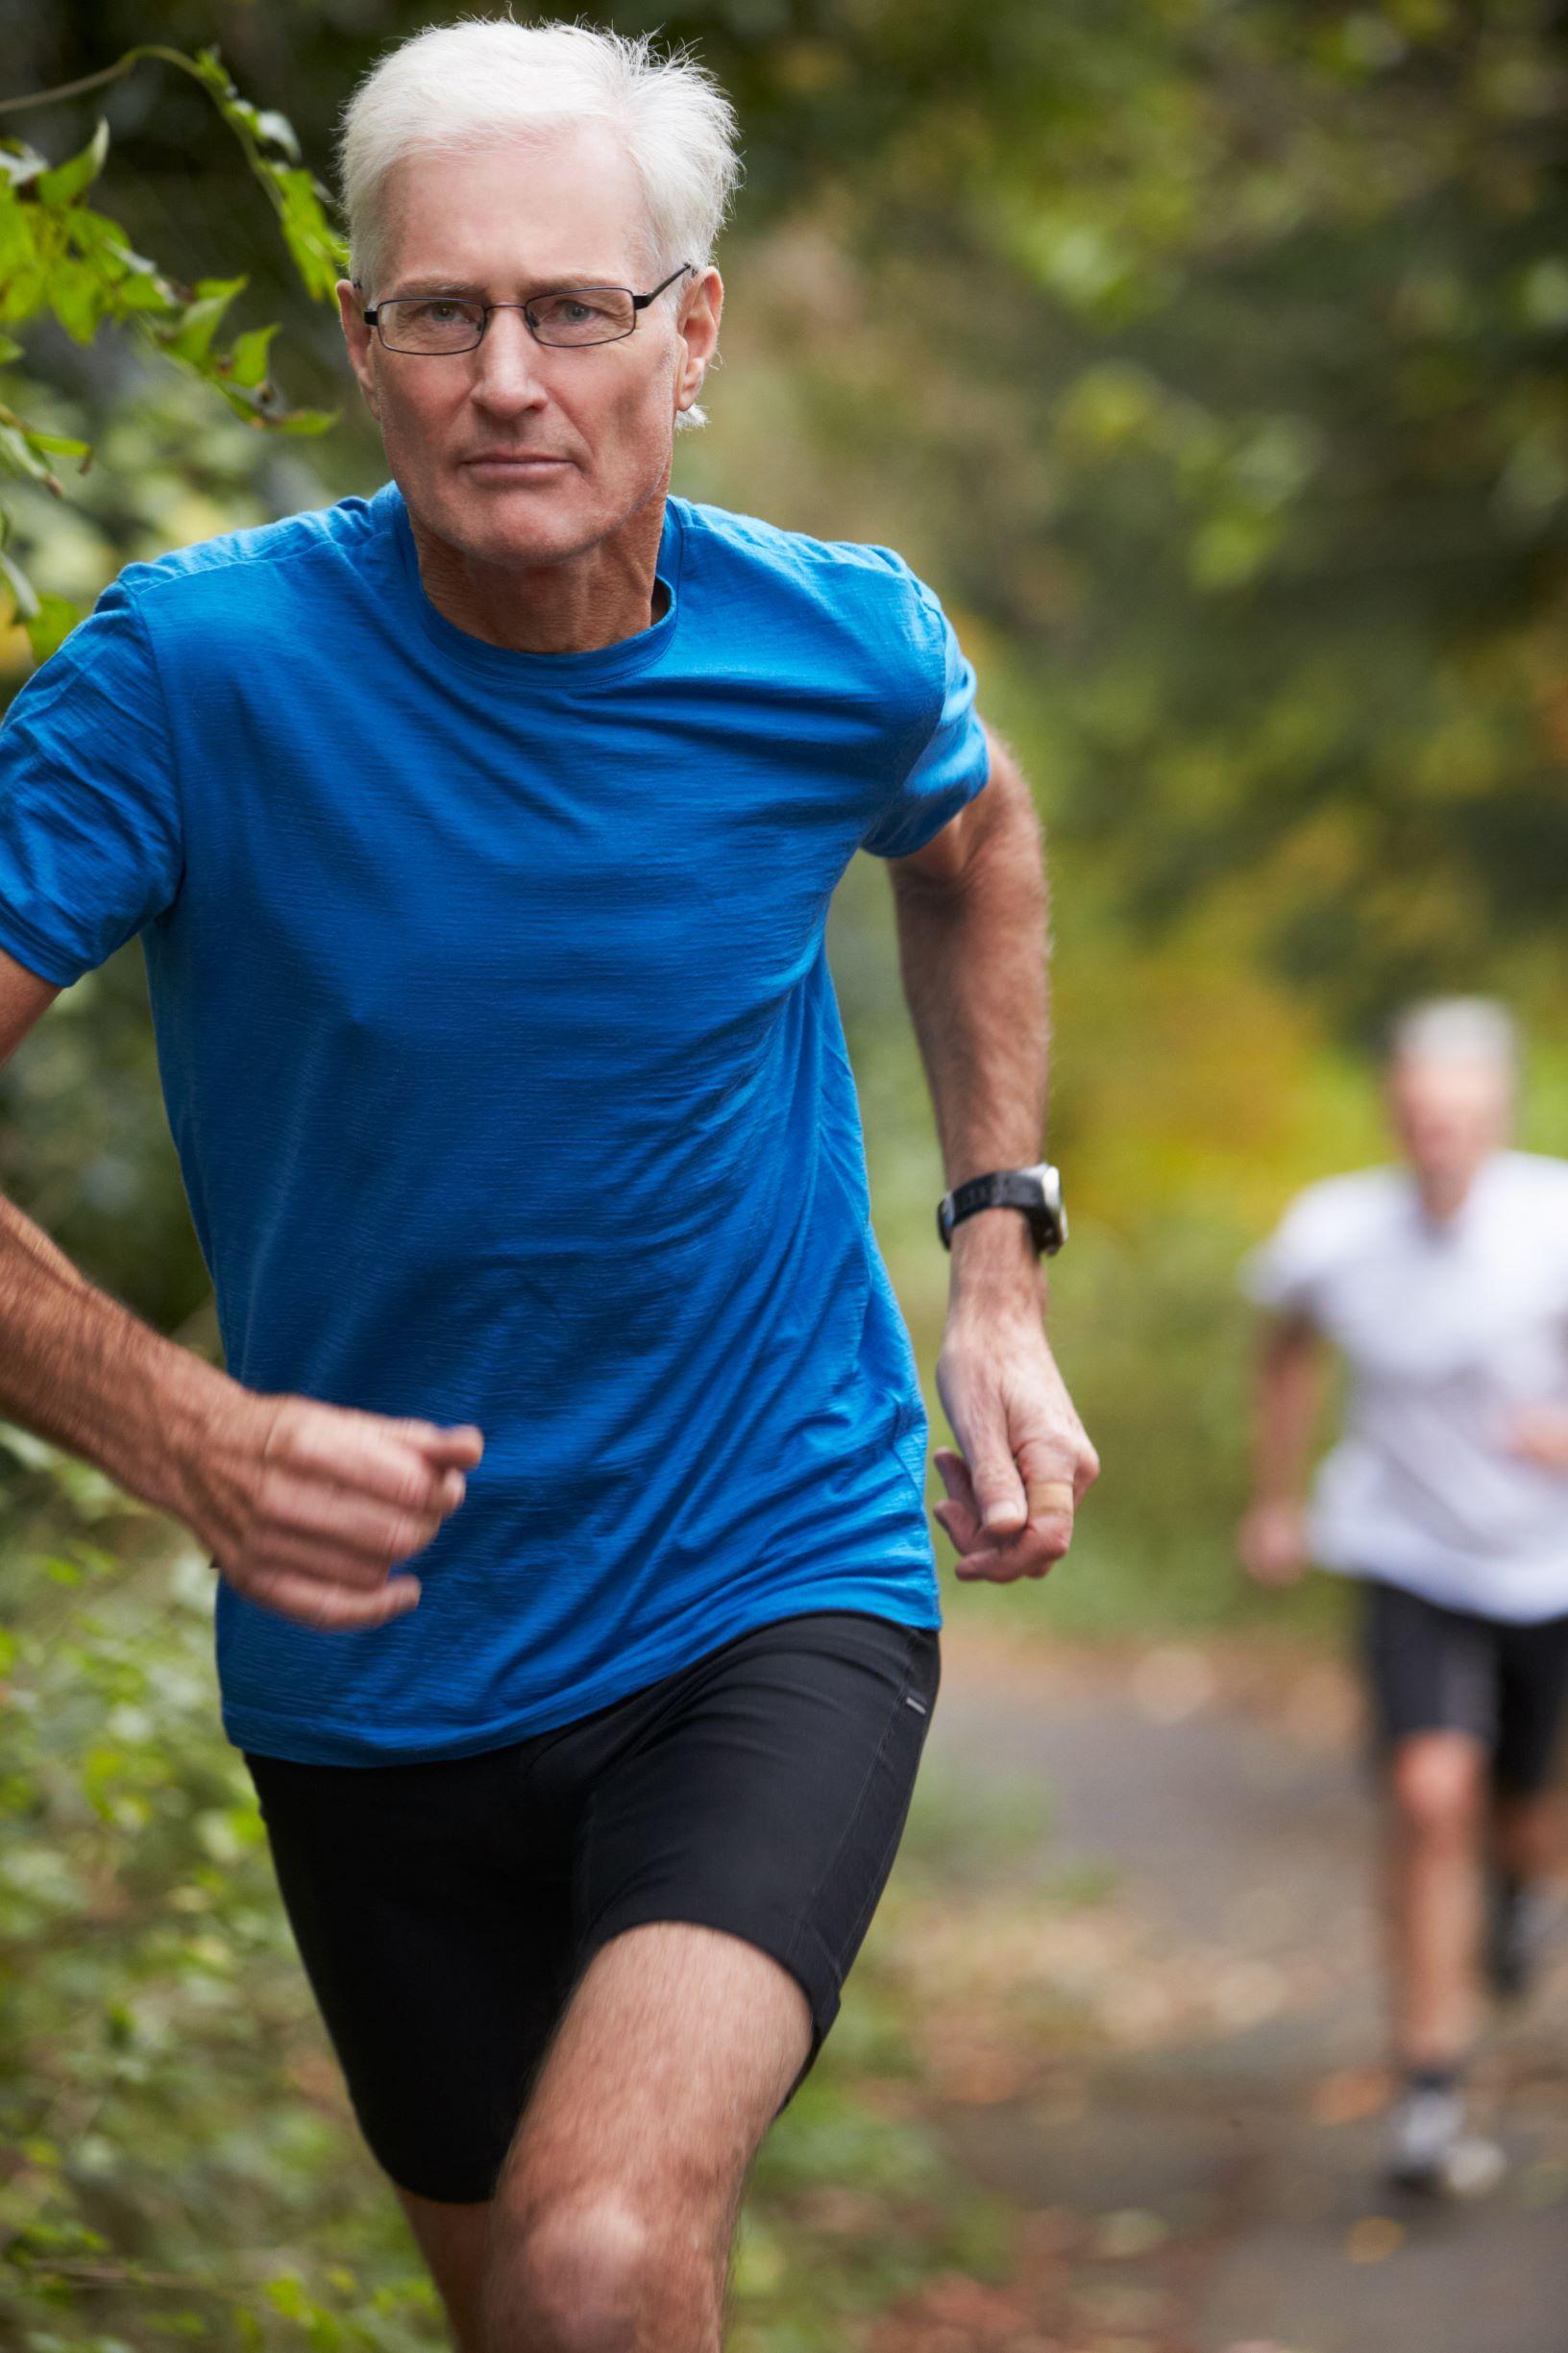 mature runner smaller